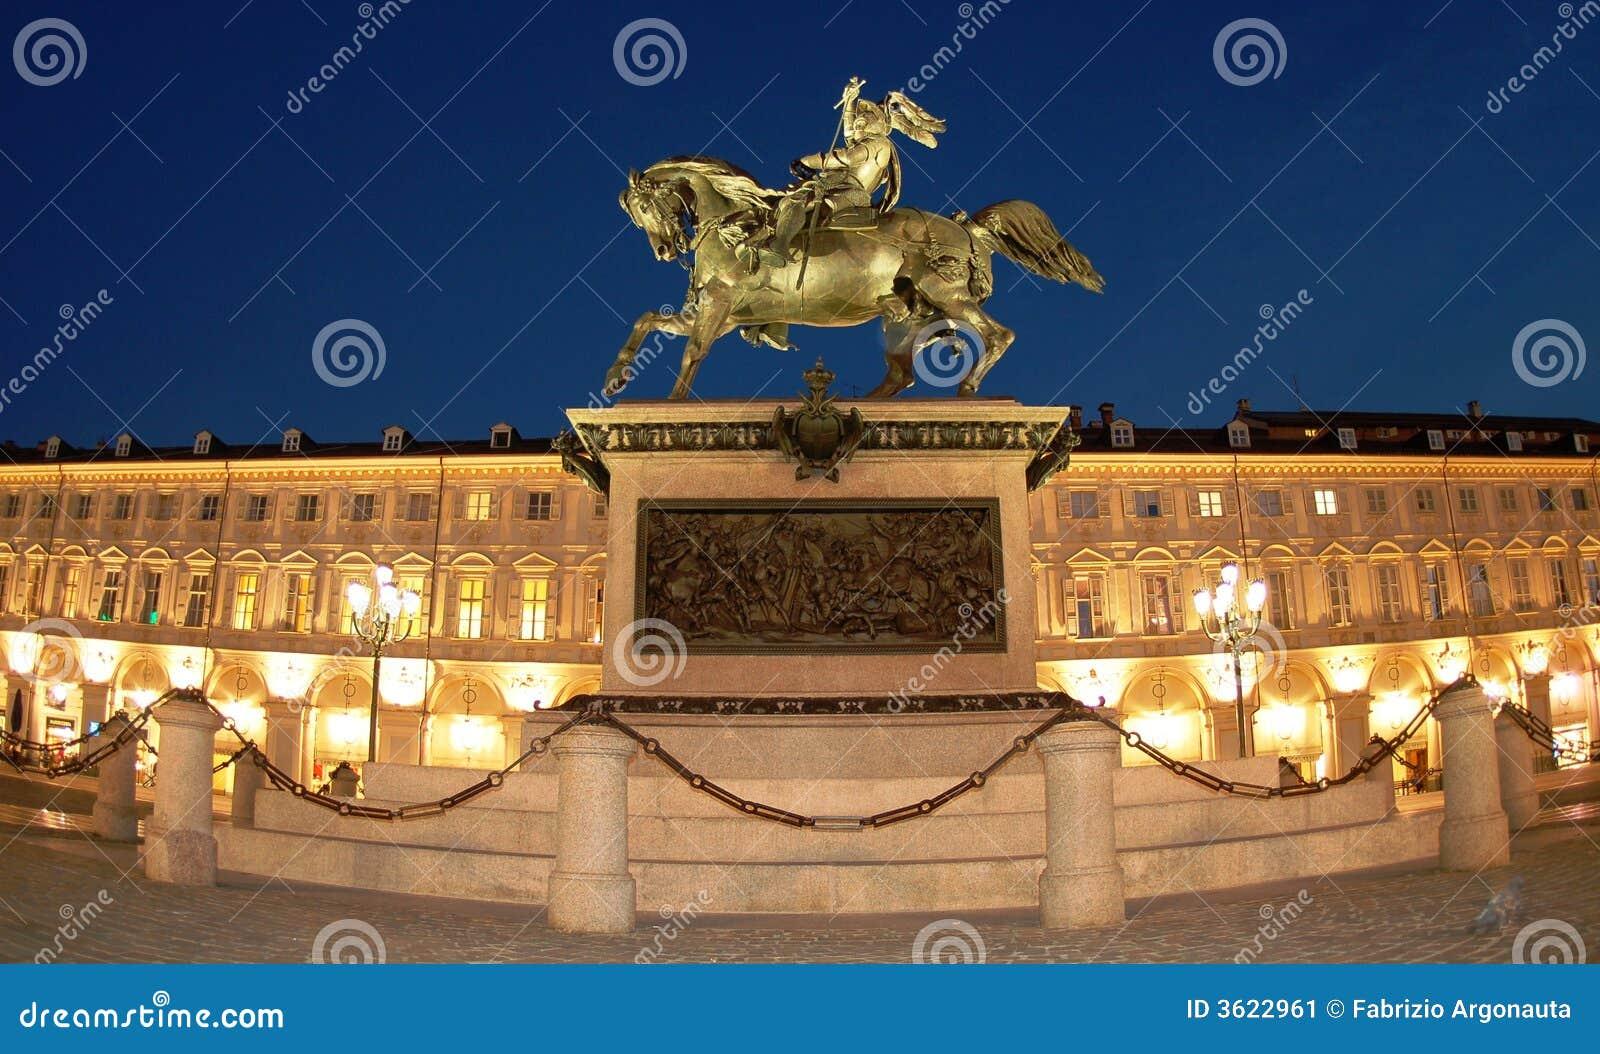 San Carlo square in Turin, IT